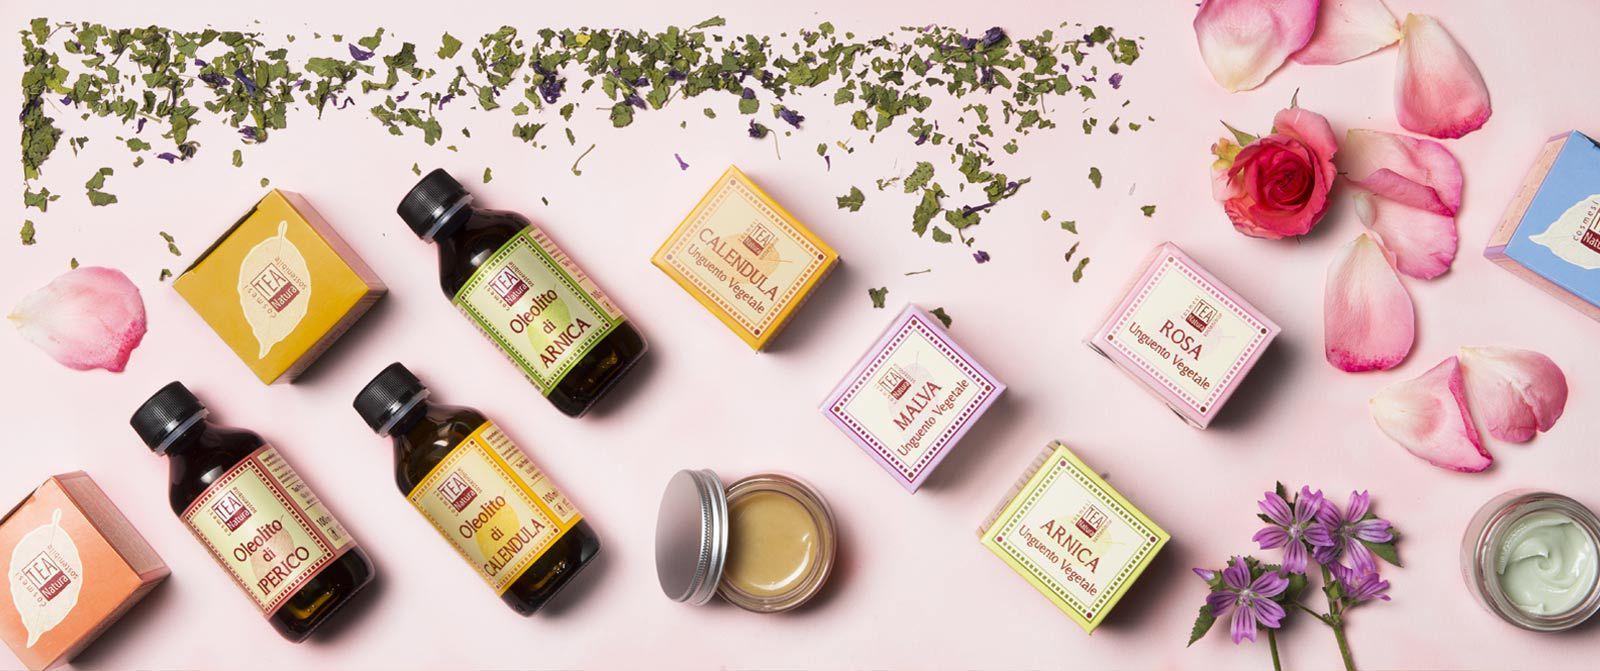 139923456unguenti-oleoliti-tea-natura (1)